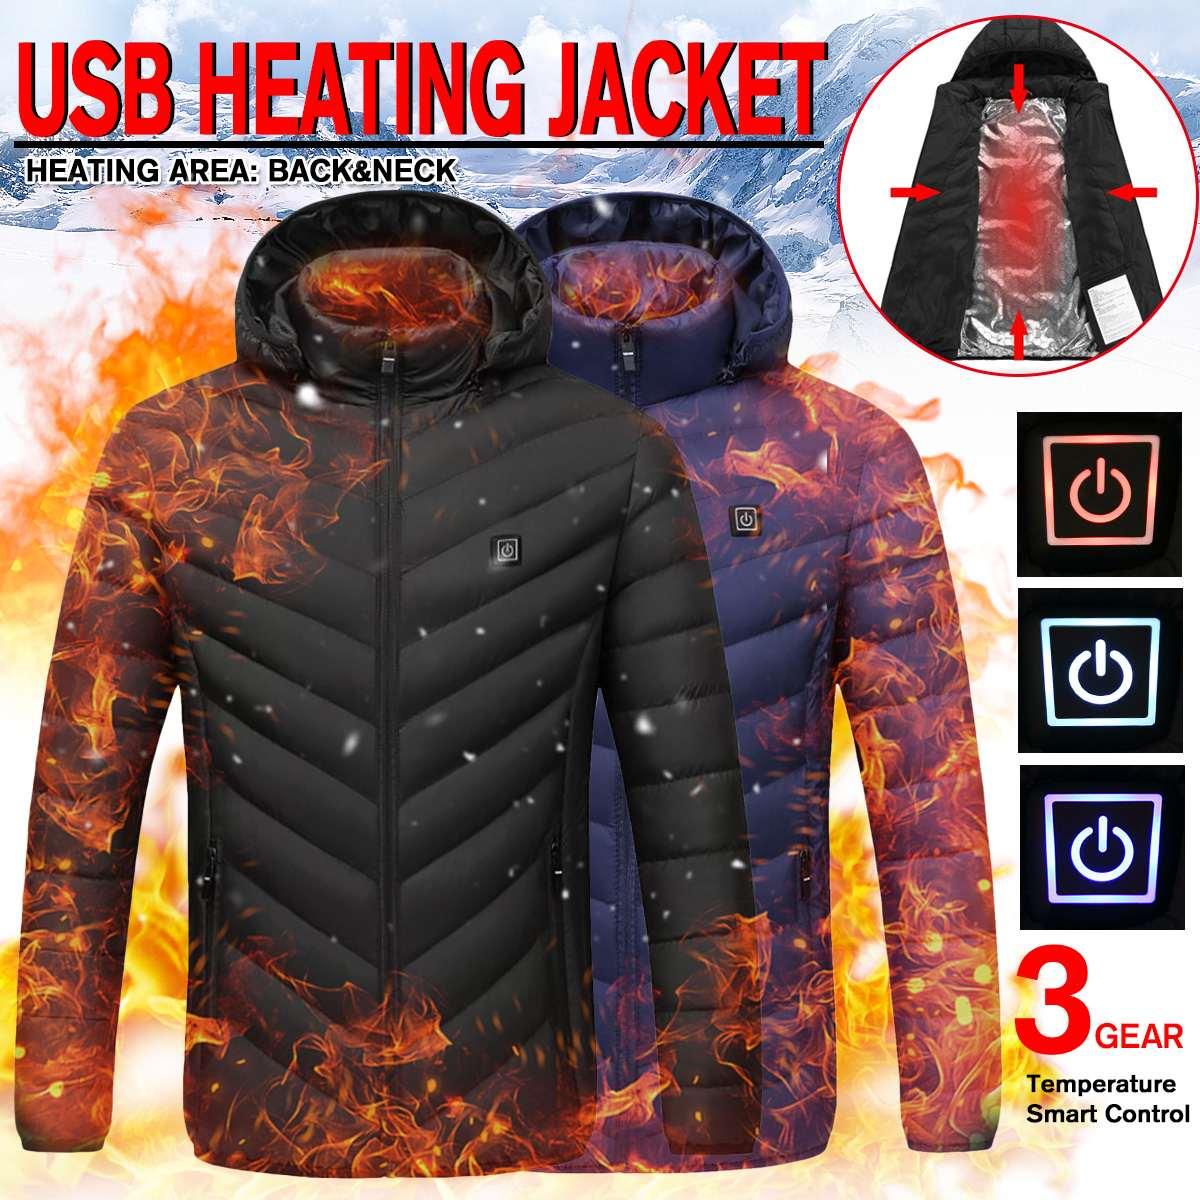 Chaqueta con calefacción eléctrica USB abrigo para hombres y mujeres invierno más cálido a prueba de viento con capucha calefacción trasera + cuello chaleco térmico para senderismo